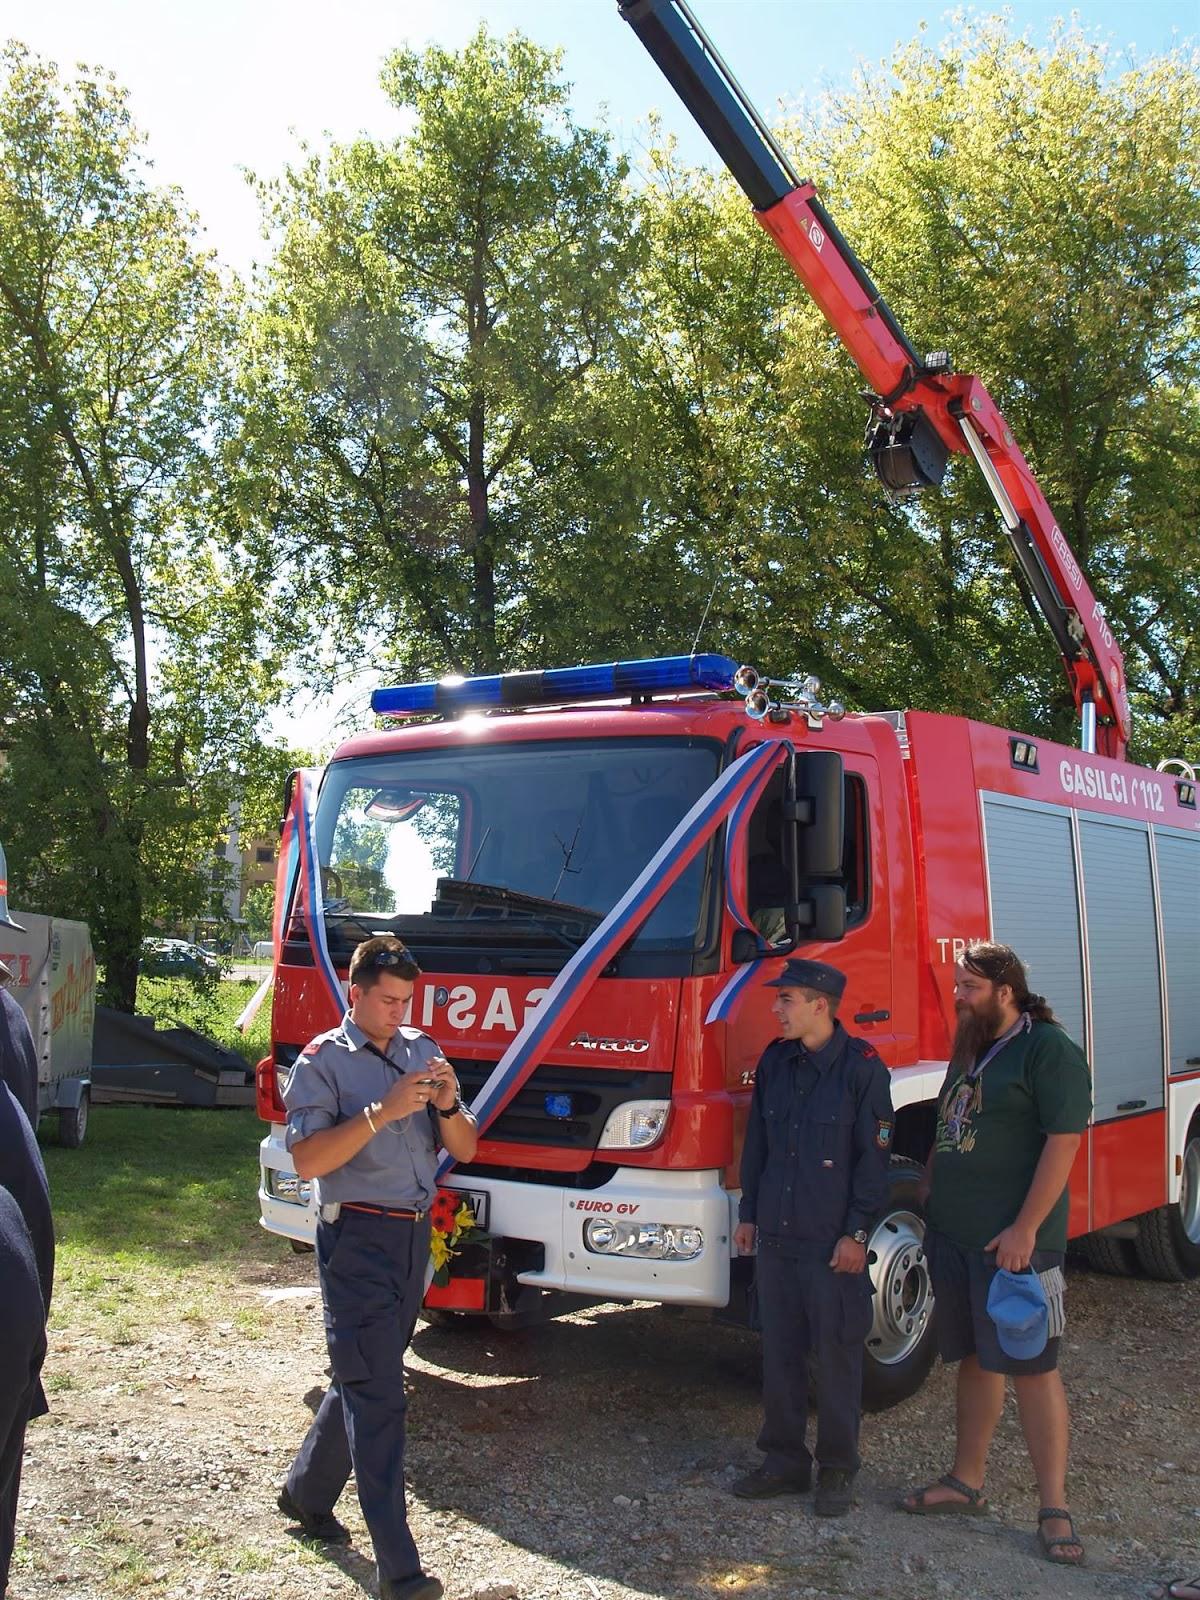 Gasilska parada, Ilirska Bistrica 2006 - P0103580.JPG